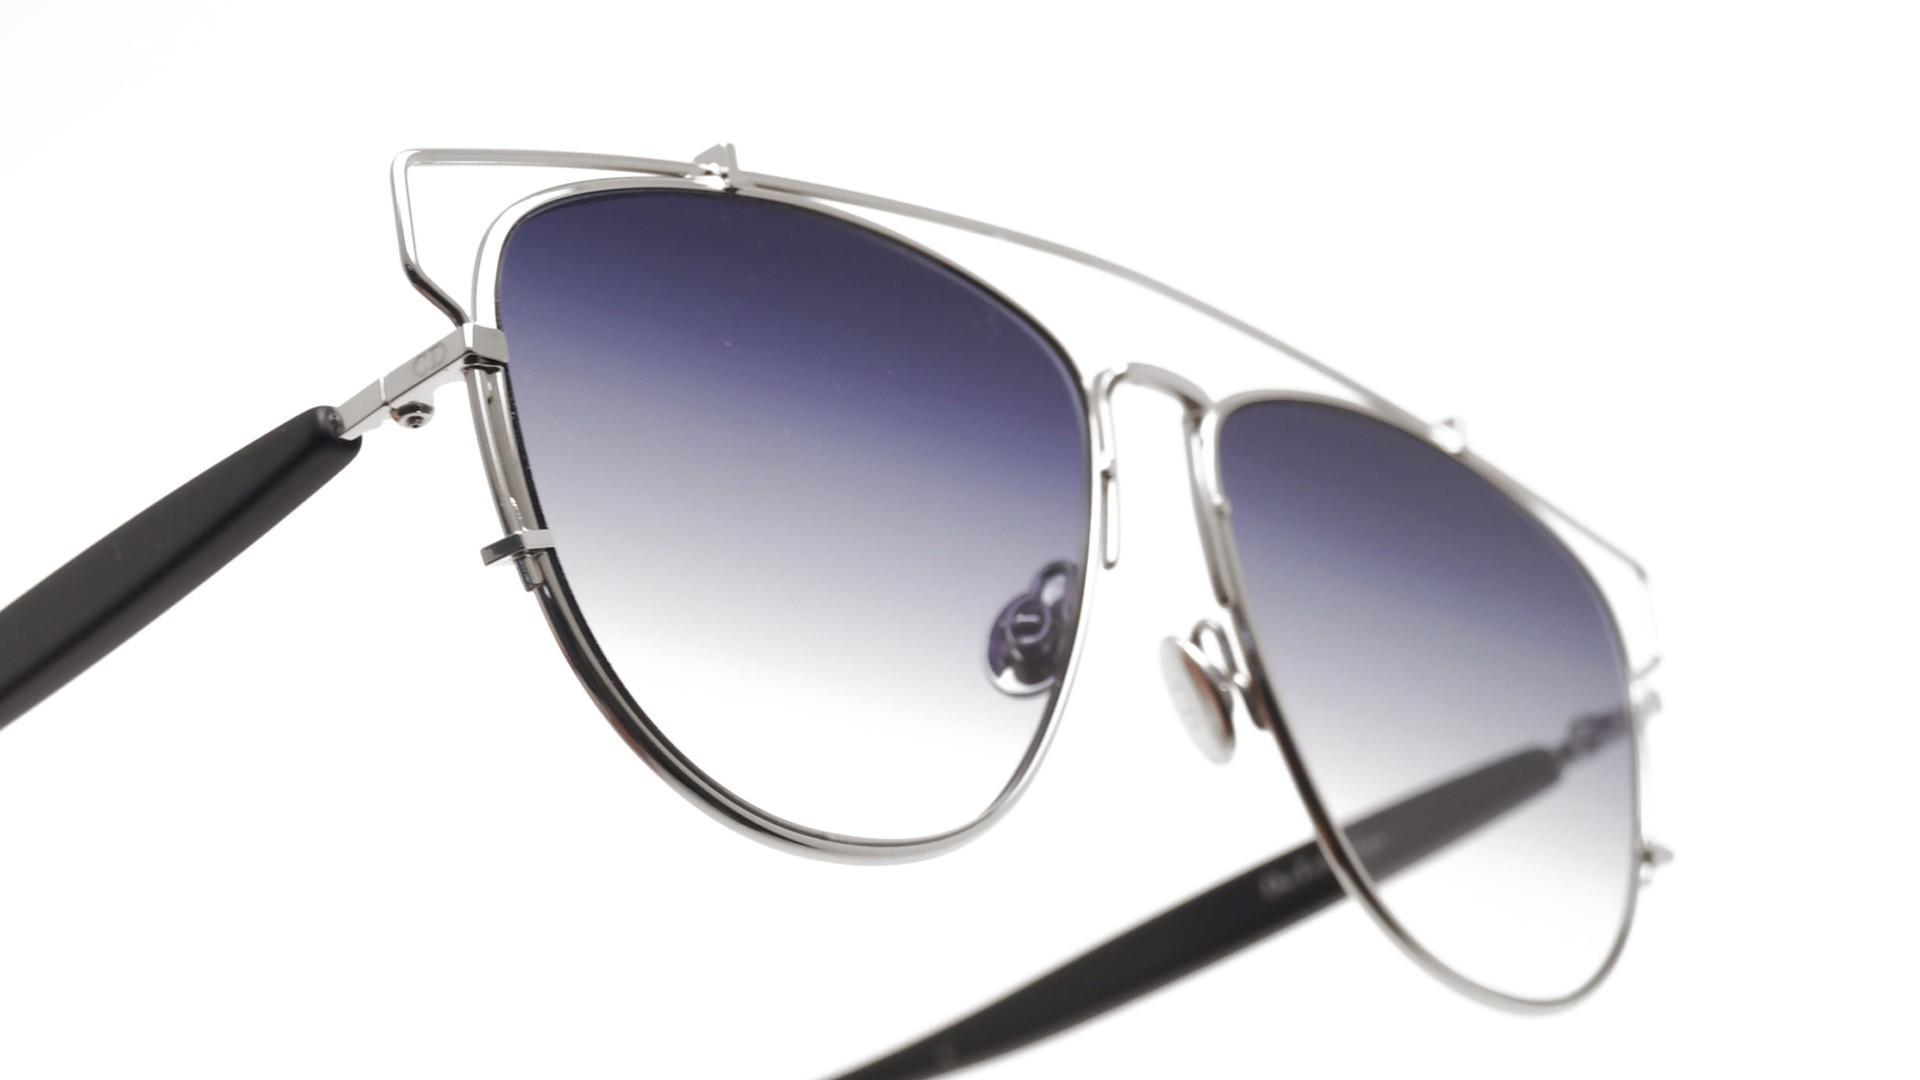 4de79cb7e232c Lunettes de soleil Dior Technologic Argent 84J84 57-14 Medium Dégradés